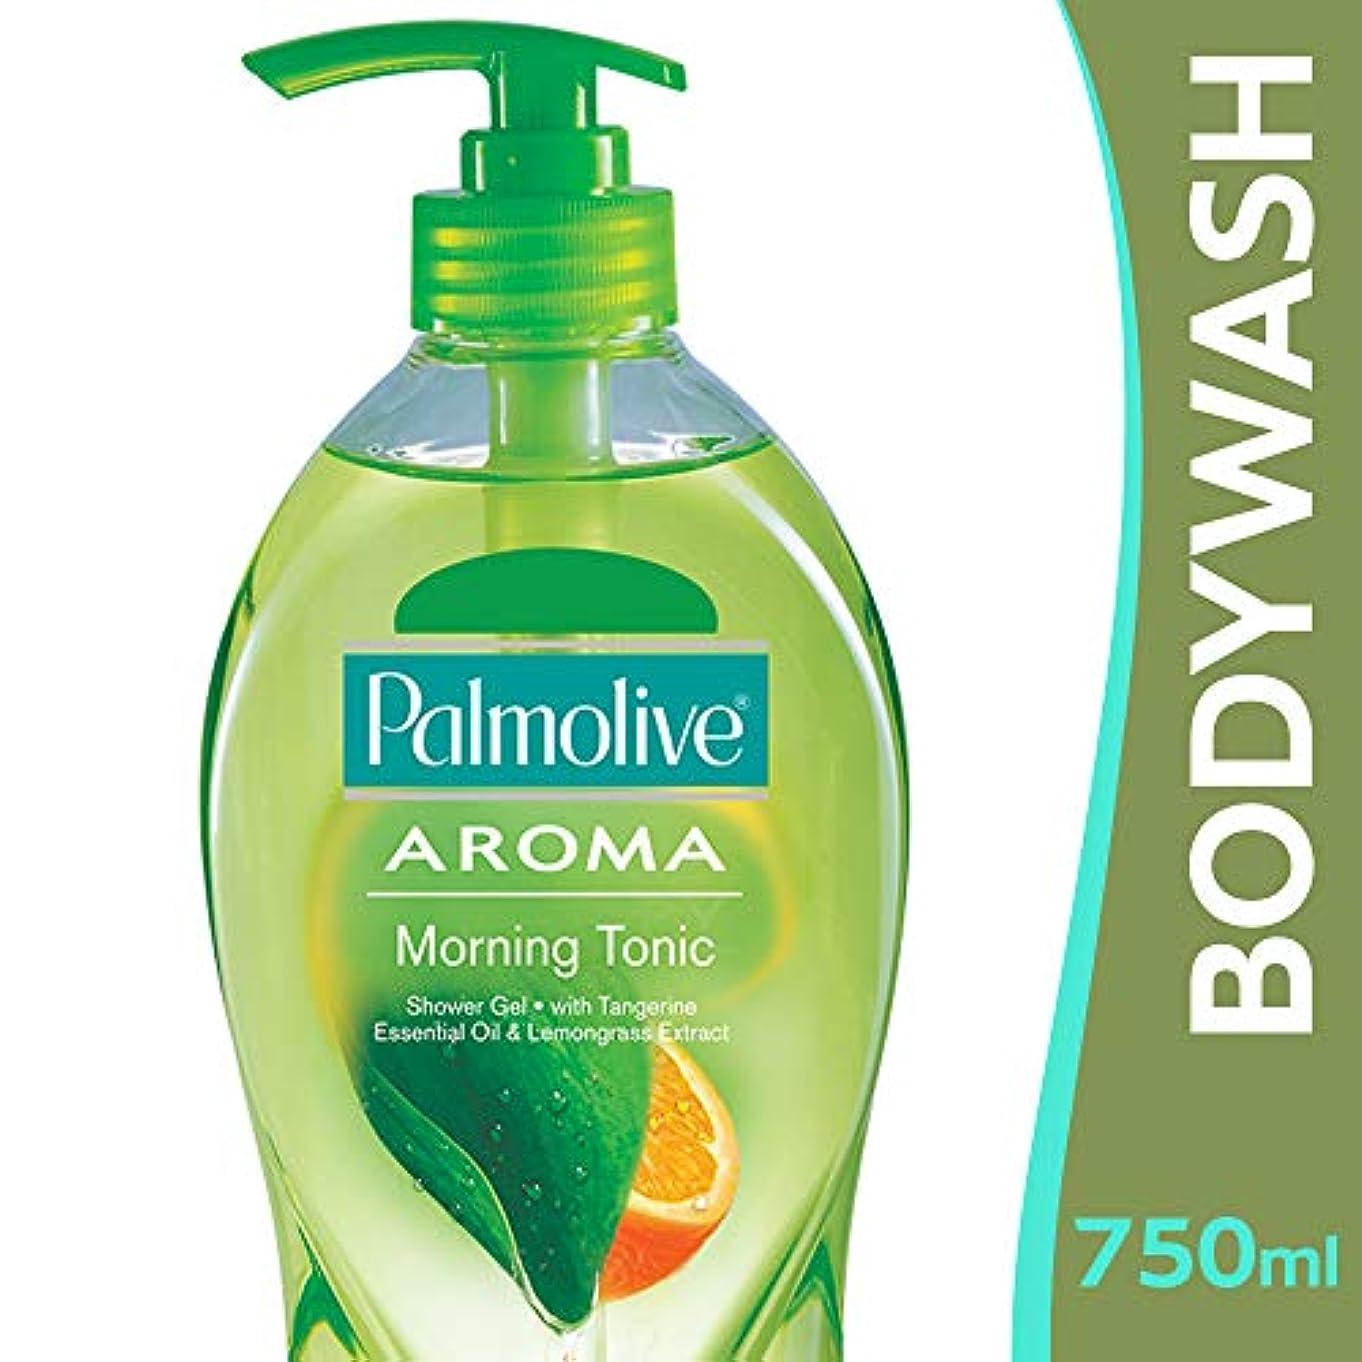 値下げ受け入れるスライム【Palmolive】パルモリーブ アロマセラピーシャワージェル(モーニングトニック)750ml